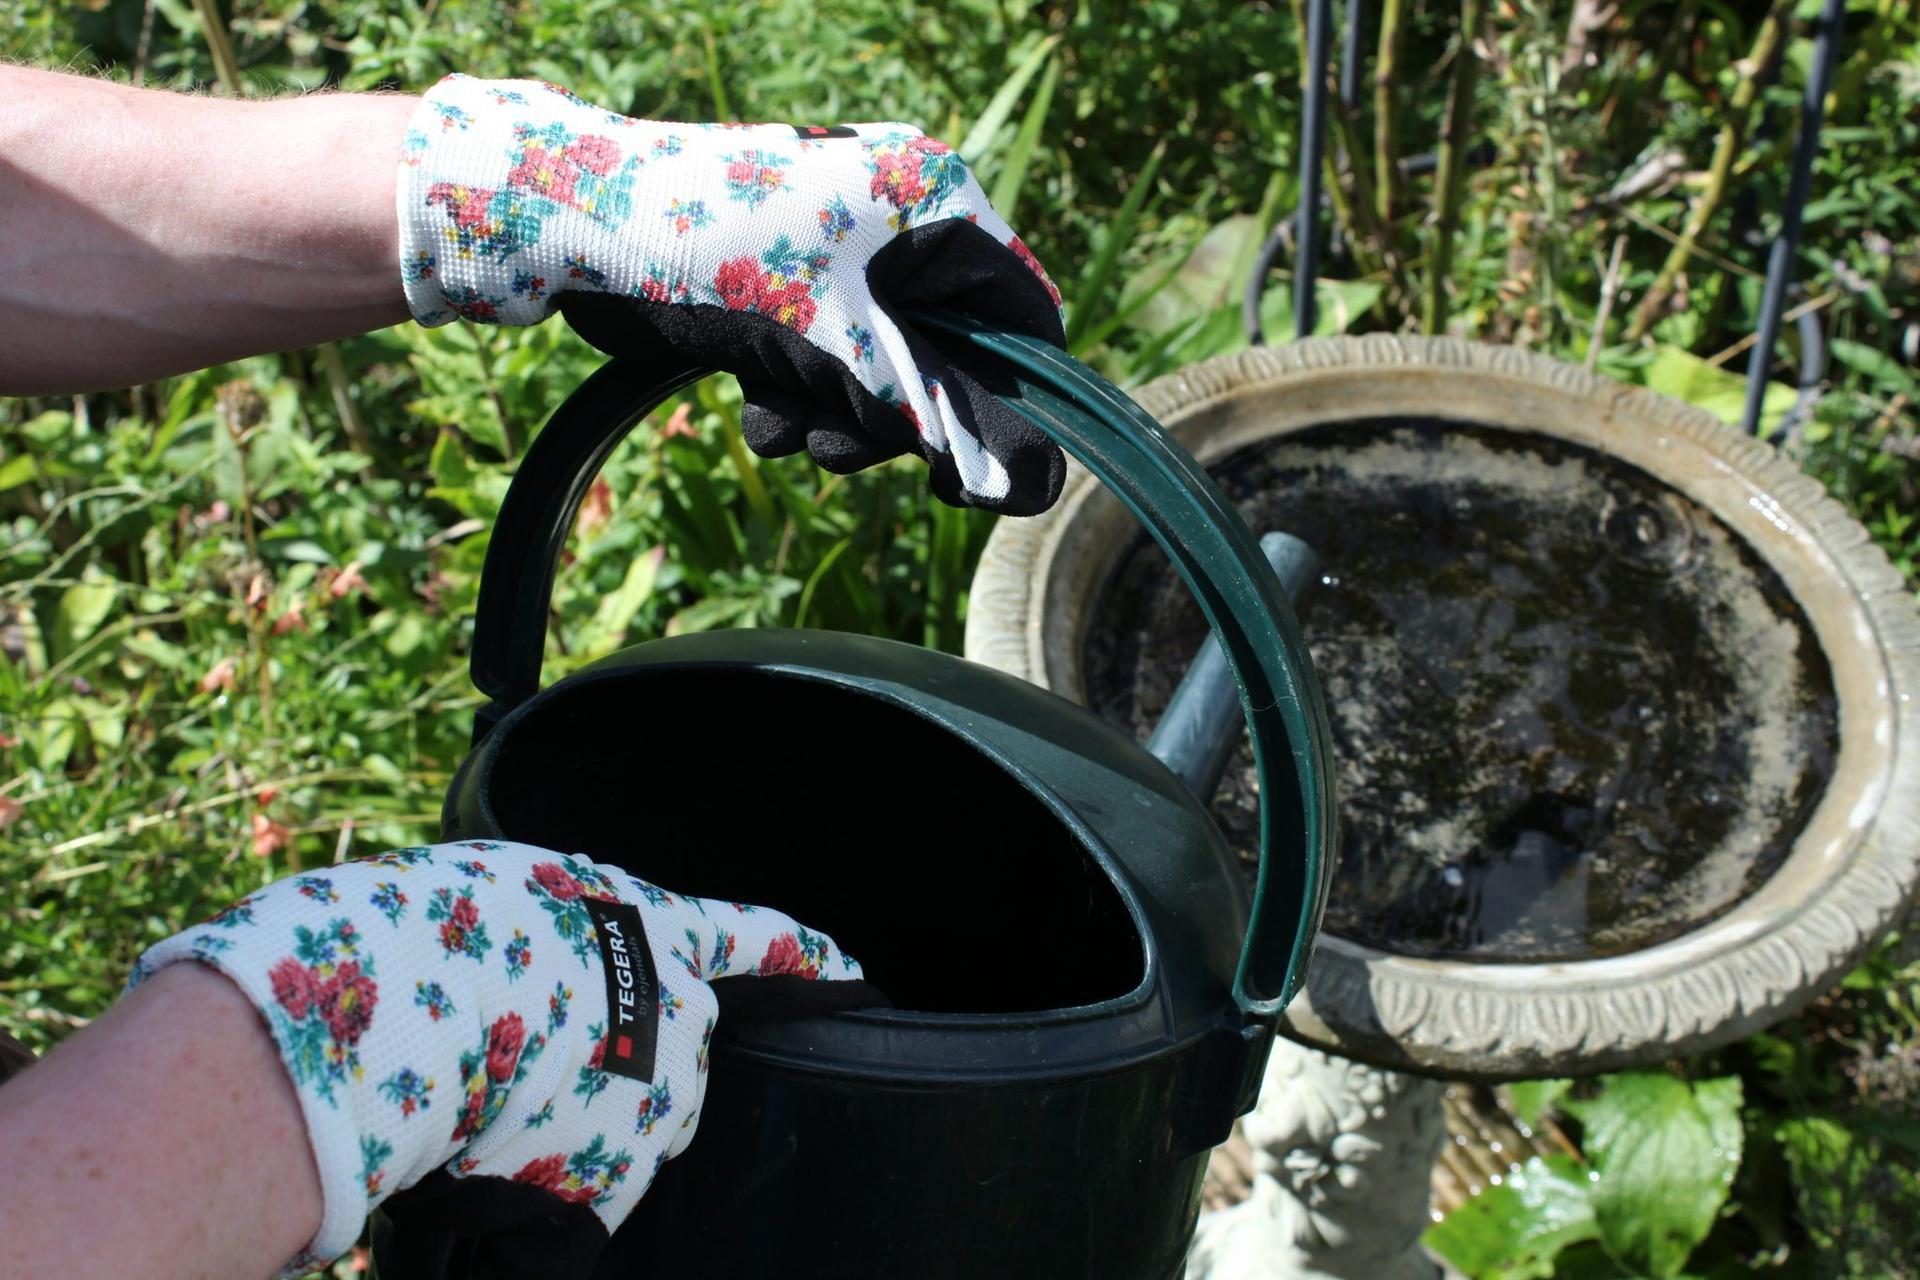 Jarné vzory na kolekcií TEGERA® Tällberg 🌹🌷  Pracovné rukavice s hravými kvetinovými vzormi pre všetky záhradníčky, pestovateľky a ďalšie ženy, ktoré sa neboja poriadnej práce. Aktuálnych 7 modelov nájdete na: www.tegera.sk/kategoria/kolekcia-tallberg - Obrázok č. 1